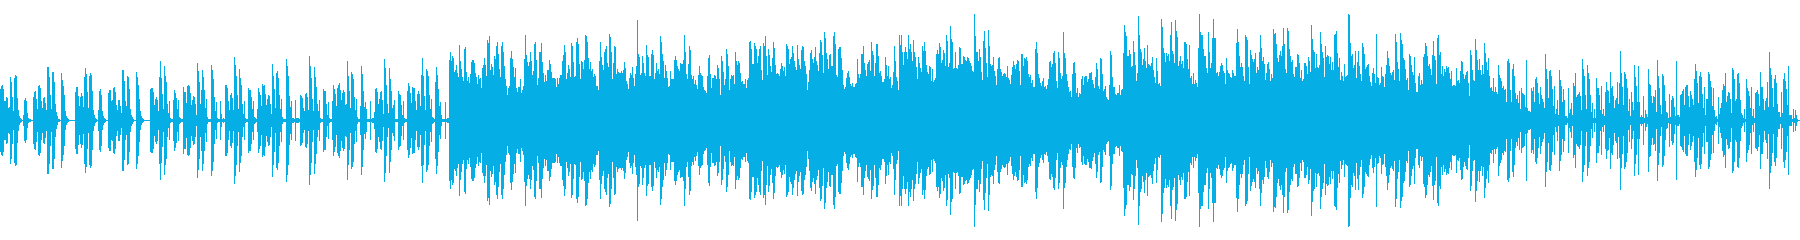 リラックスできるかわいらしい映像音楽の再生済みの波形